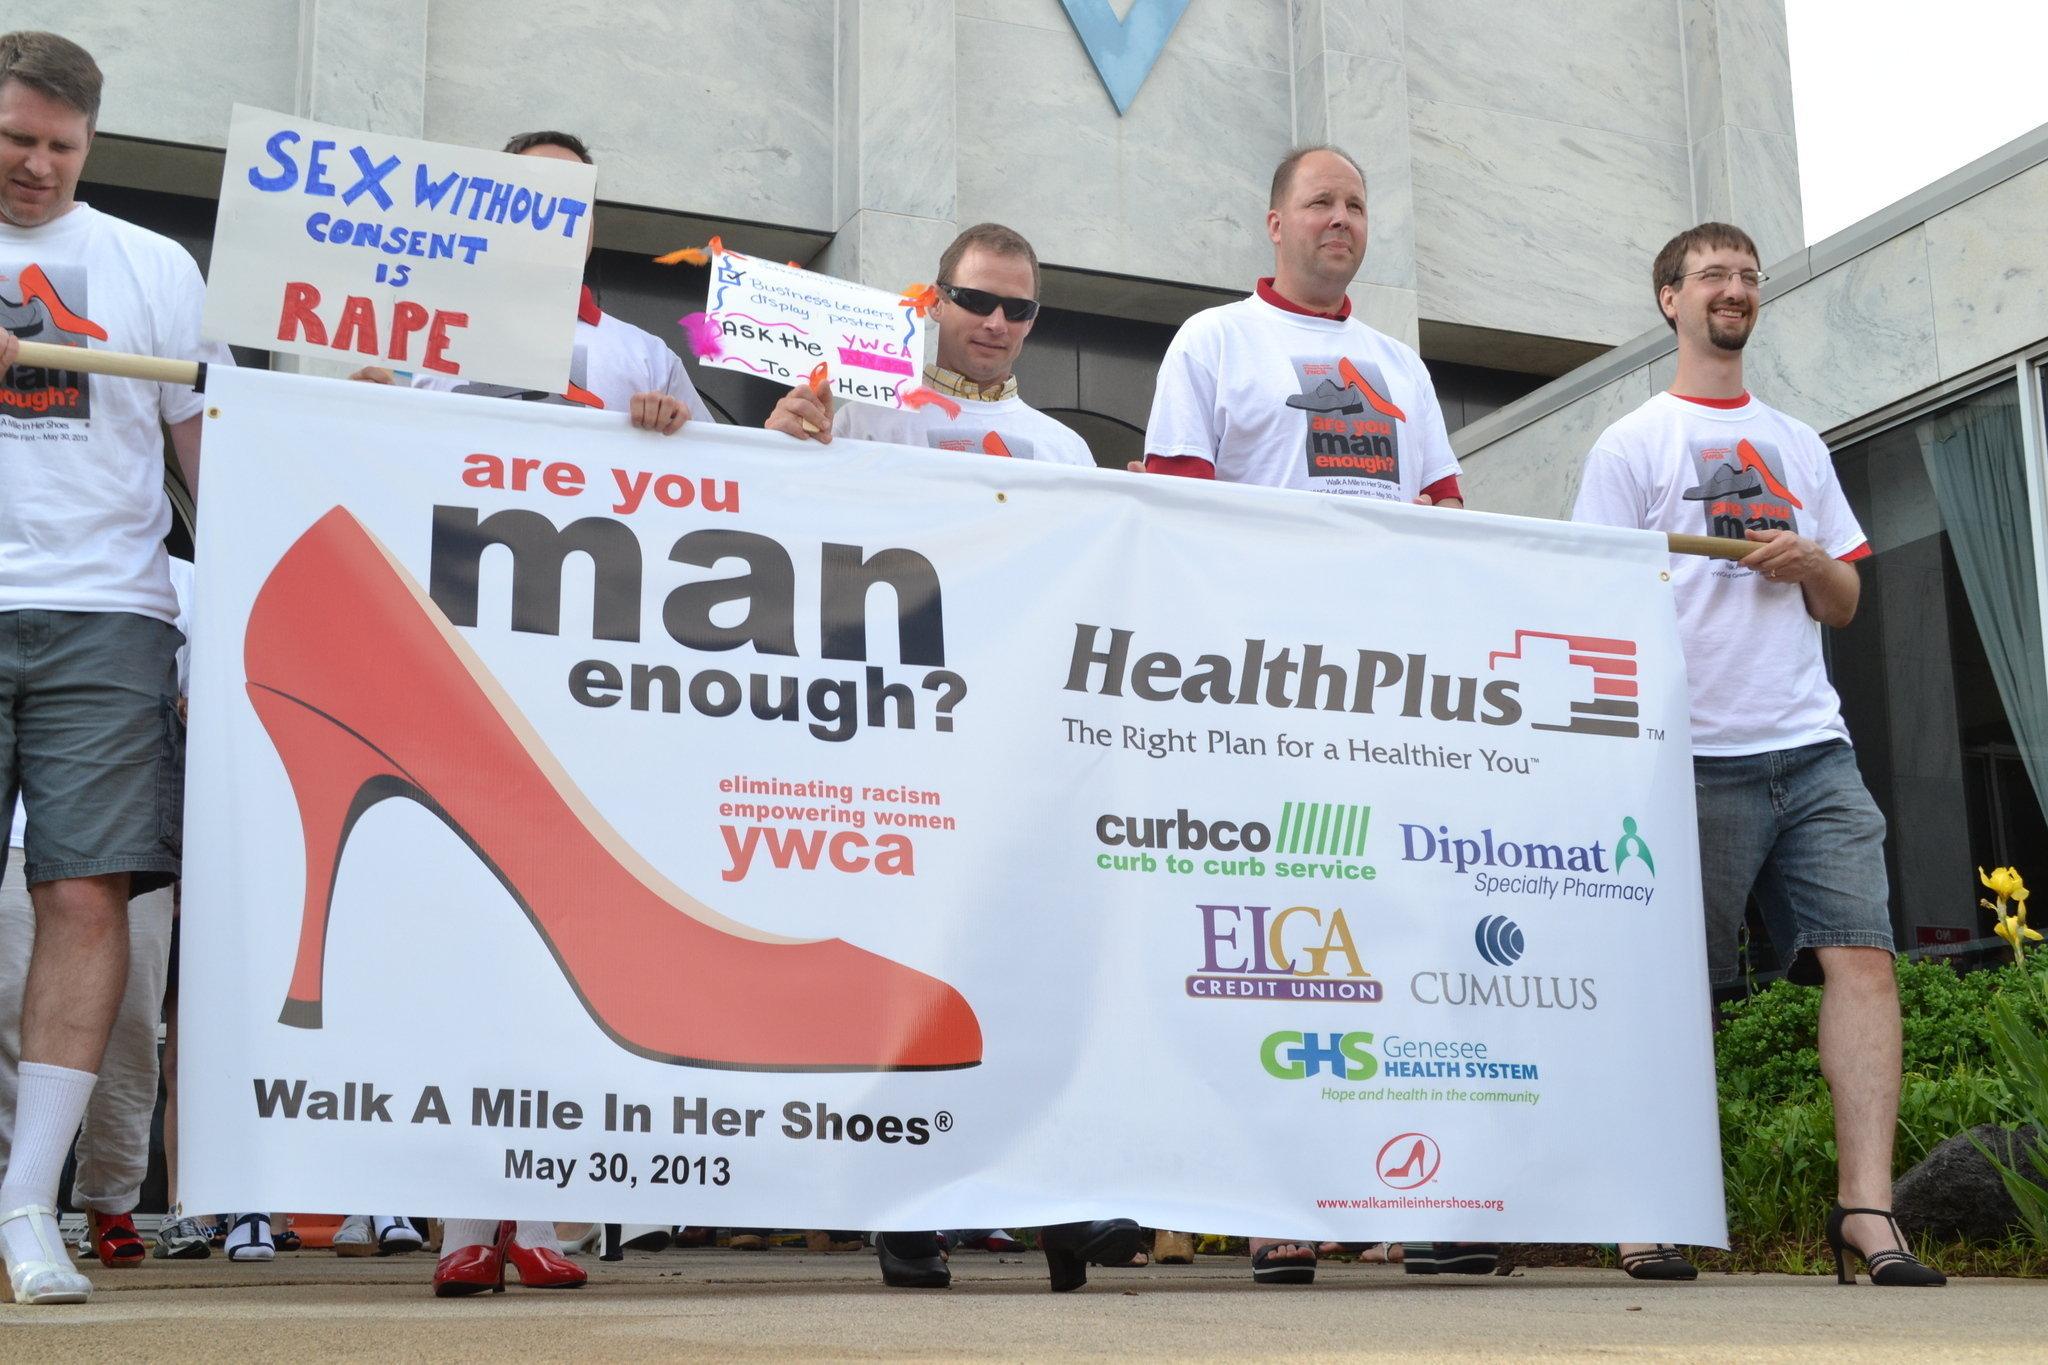 ywcas-walk-a-mile-in-her-shoes-jpg-e4d082c2f45e0bd0 (1).jpg